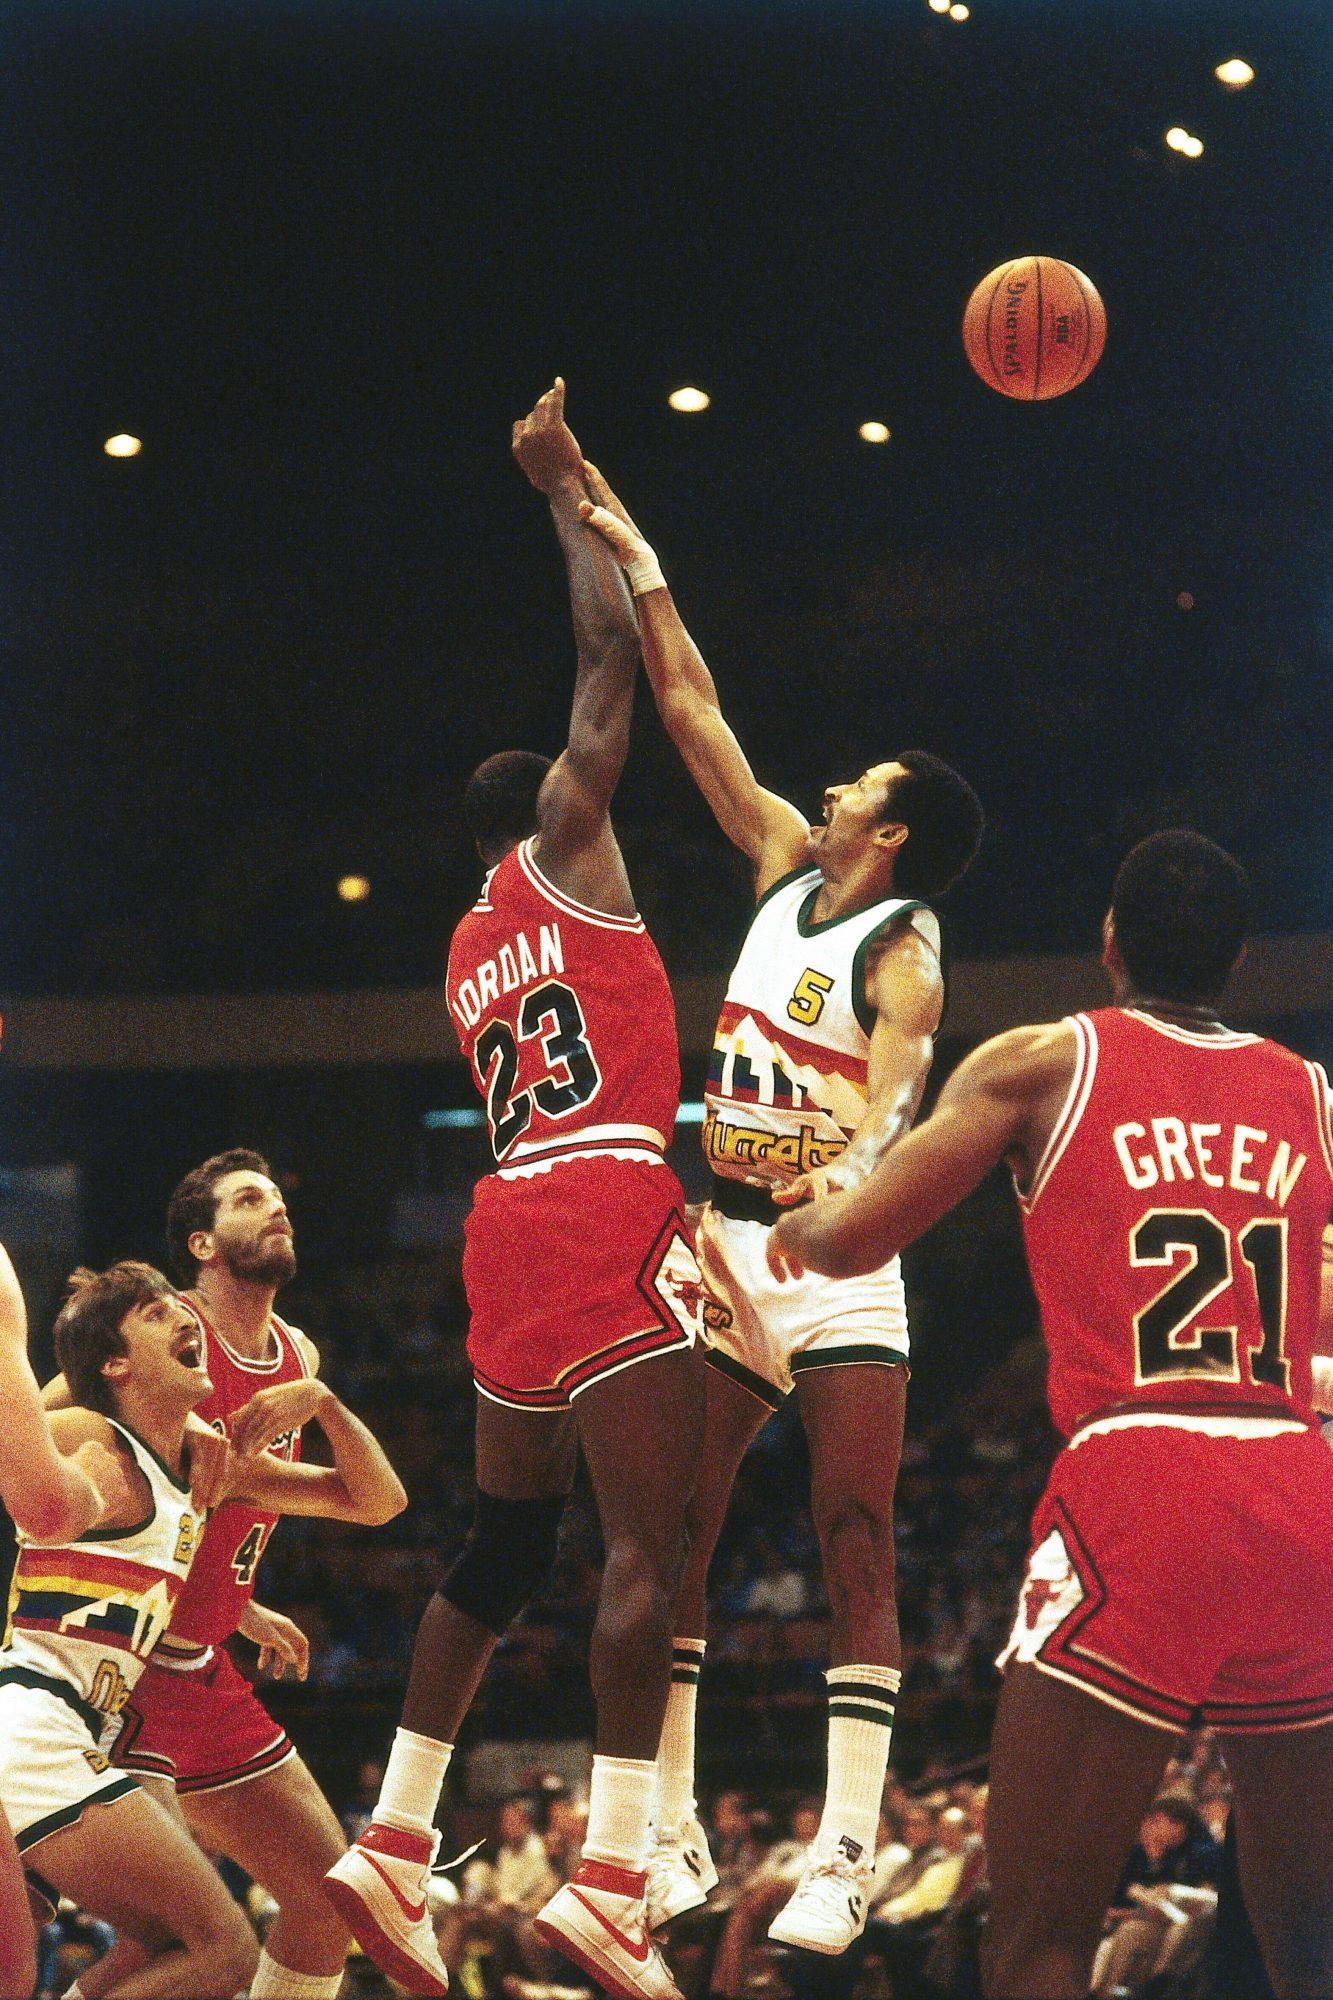 Michael Jordan's 5th NBA Game (November 1, 1984)